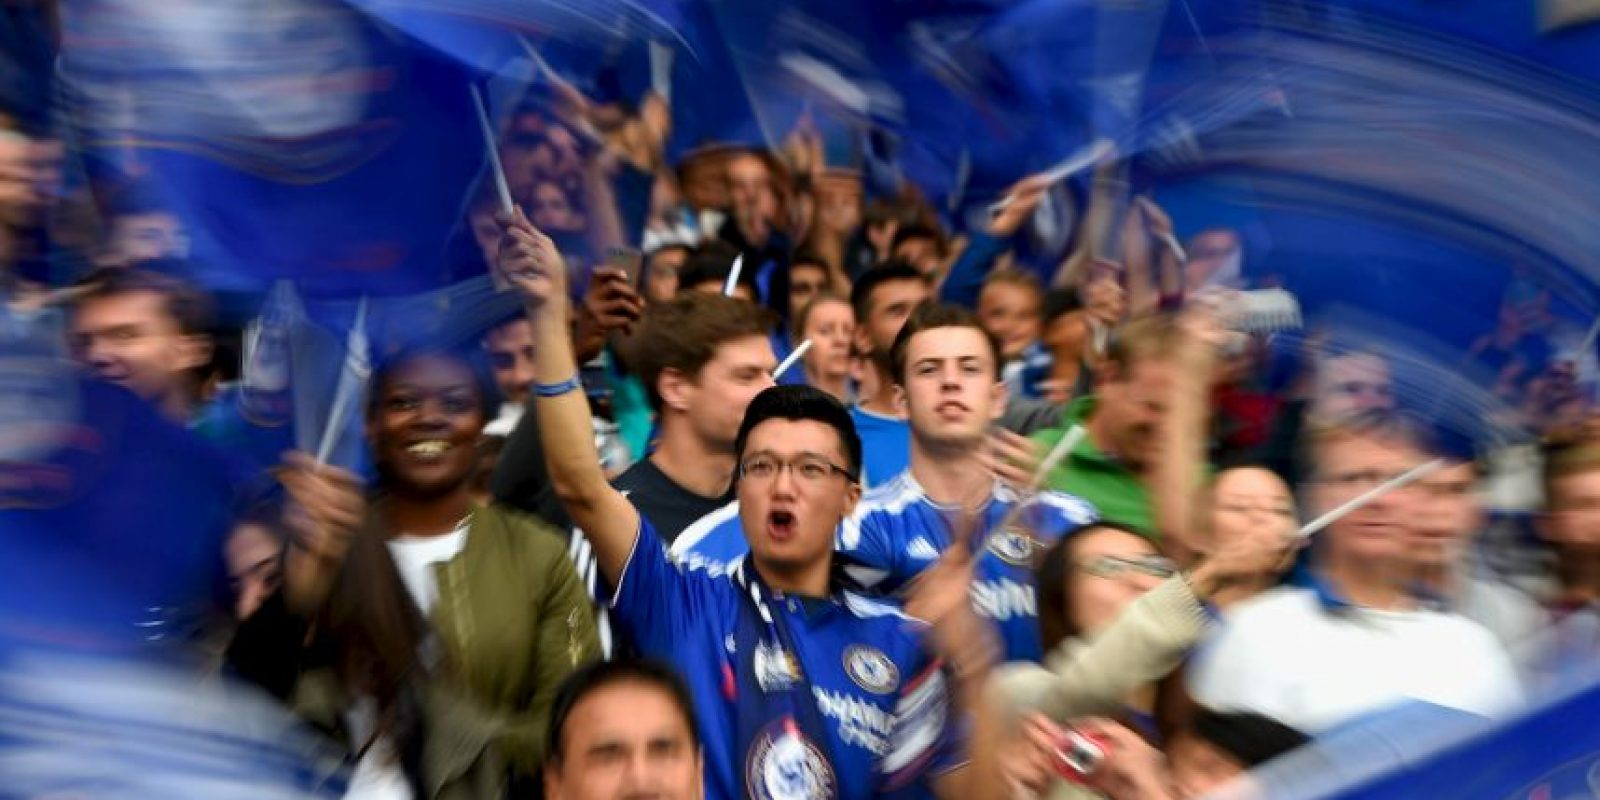 Según una encuesta de la casa de citas Match.com, los hinchas de Chelsea son los más feos de la Premier League. Foto:Getty Images